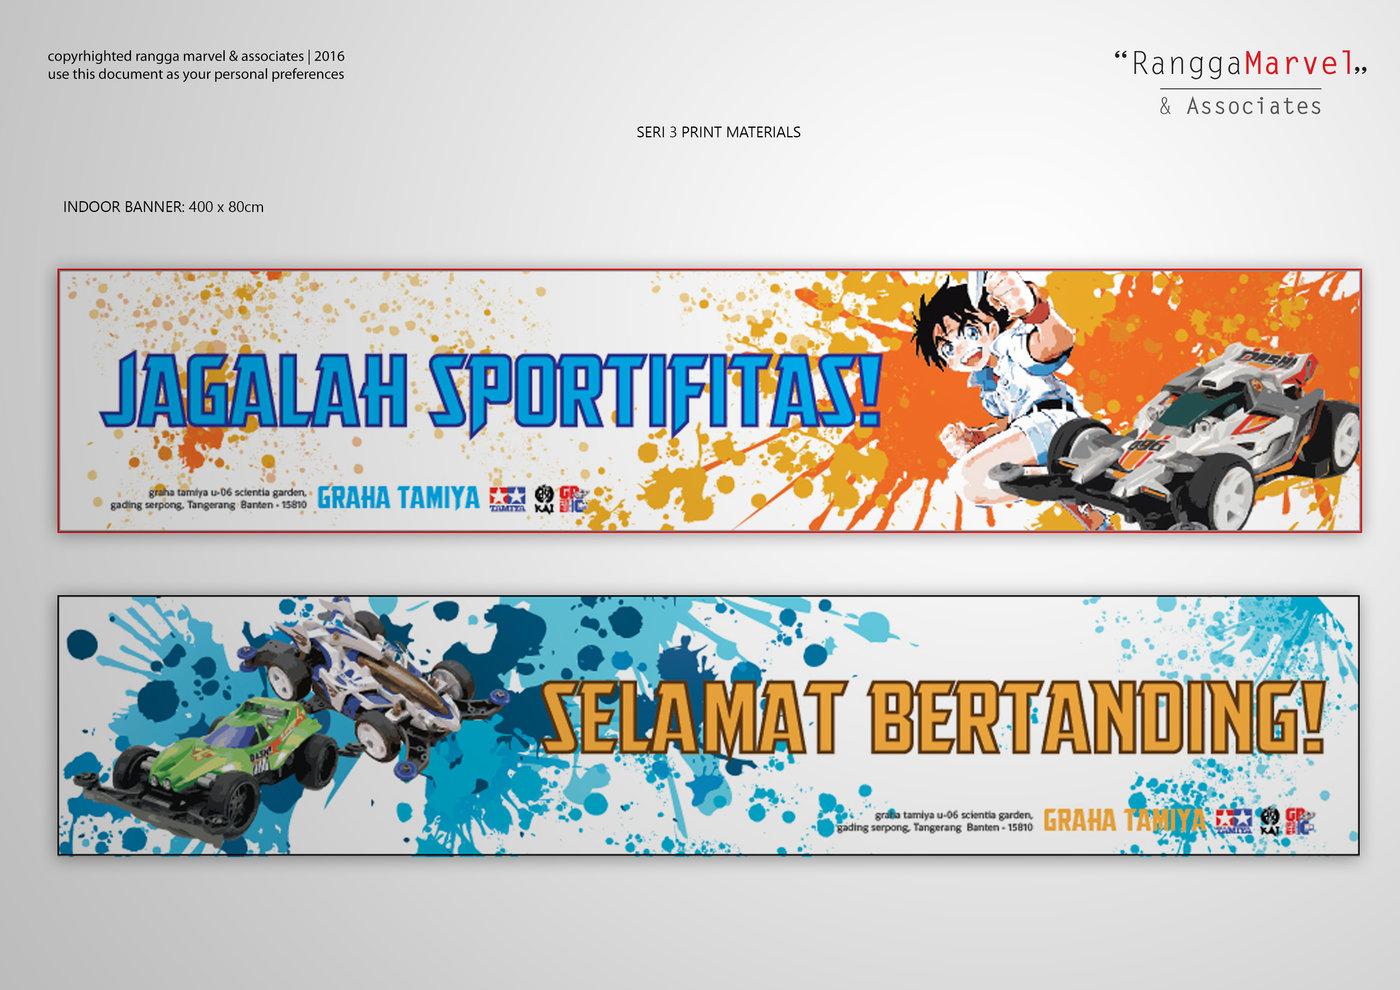 graha tamiya kai prints and promotions by rangga marvel at